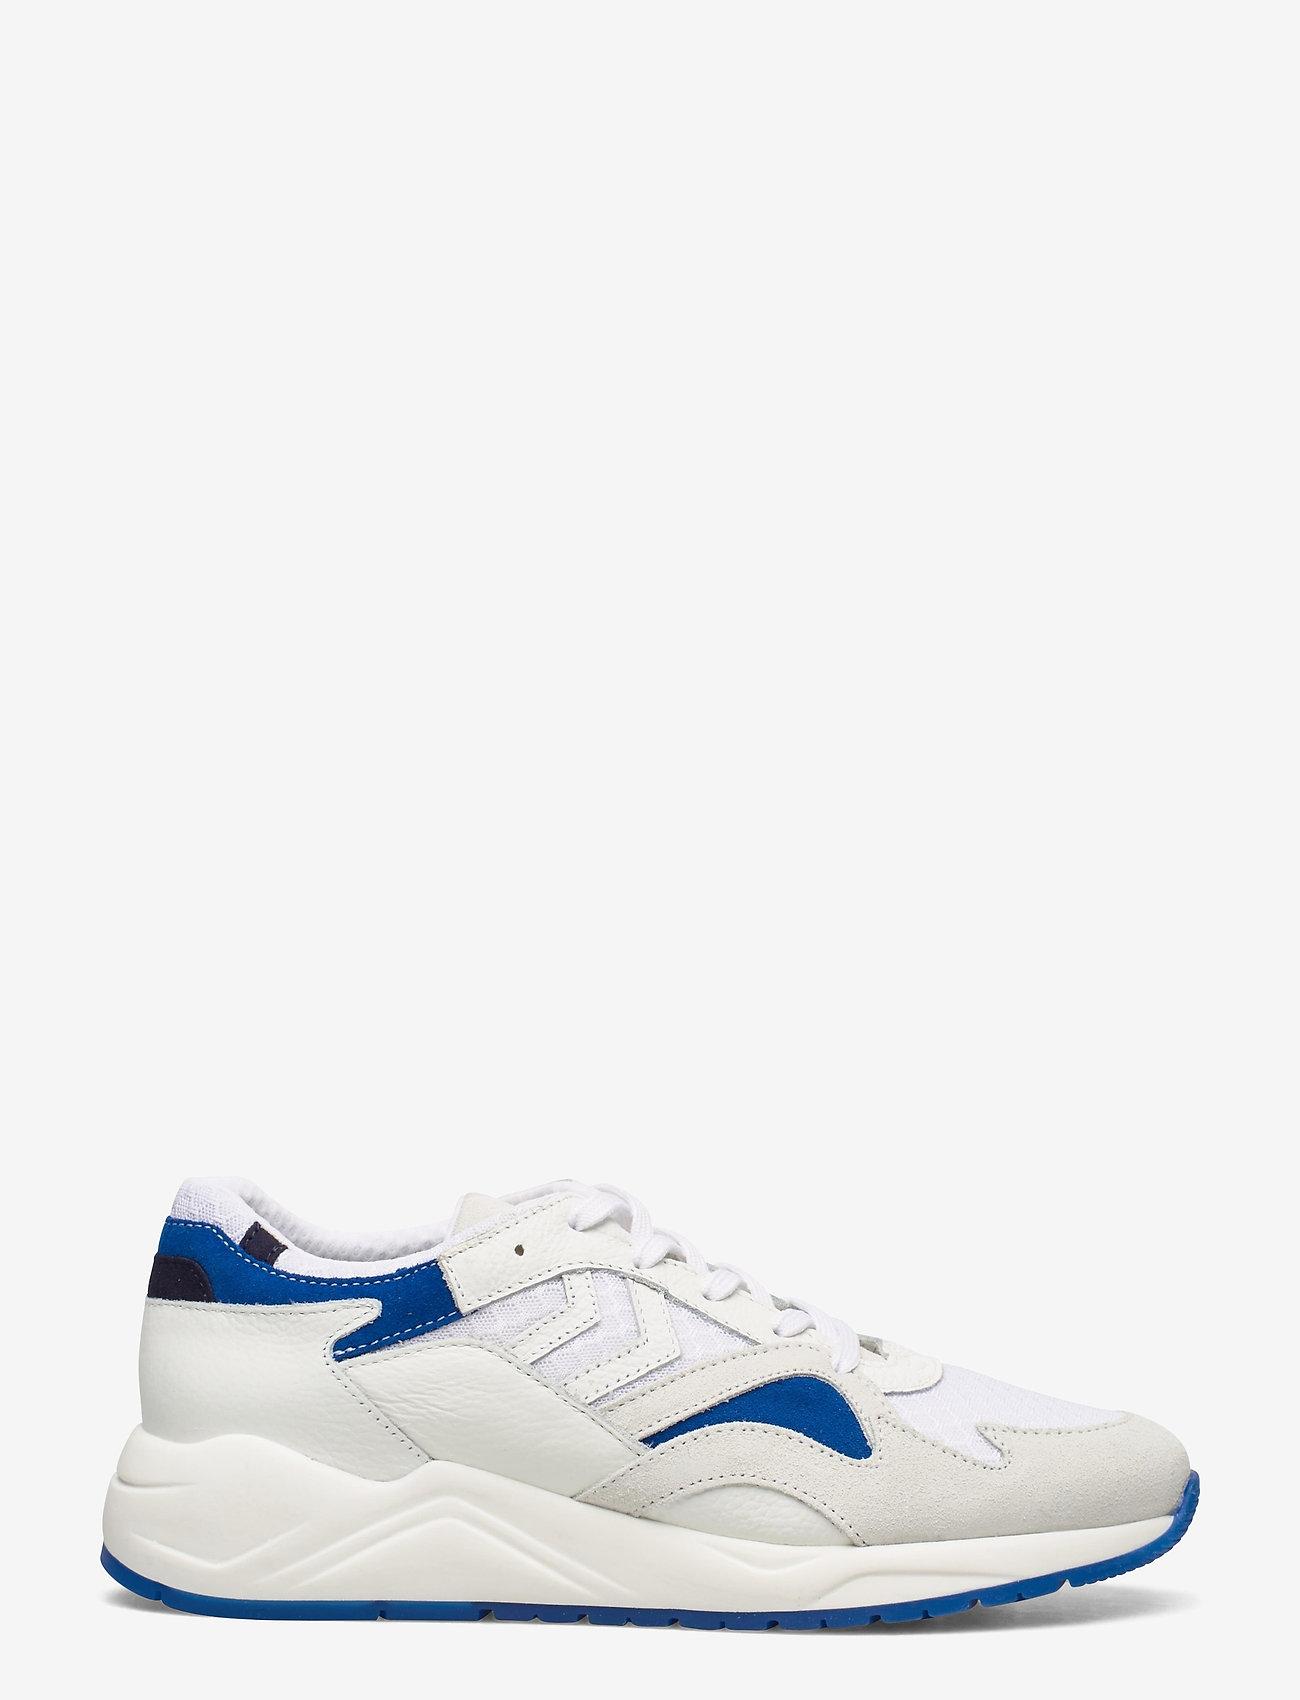 Hummel - EDMONTON PREMIUM - laag sneakers - white/blue - 1